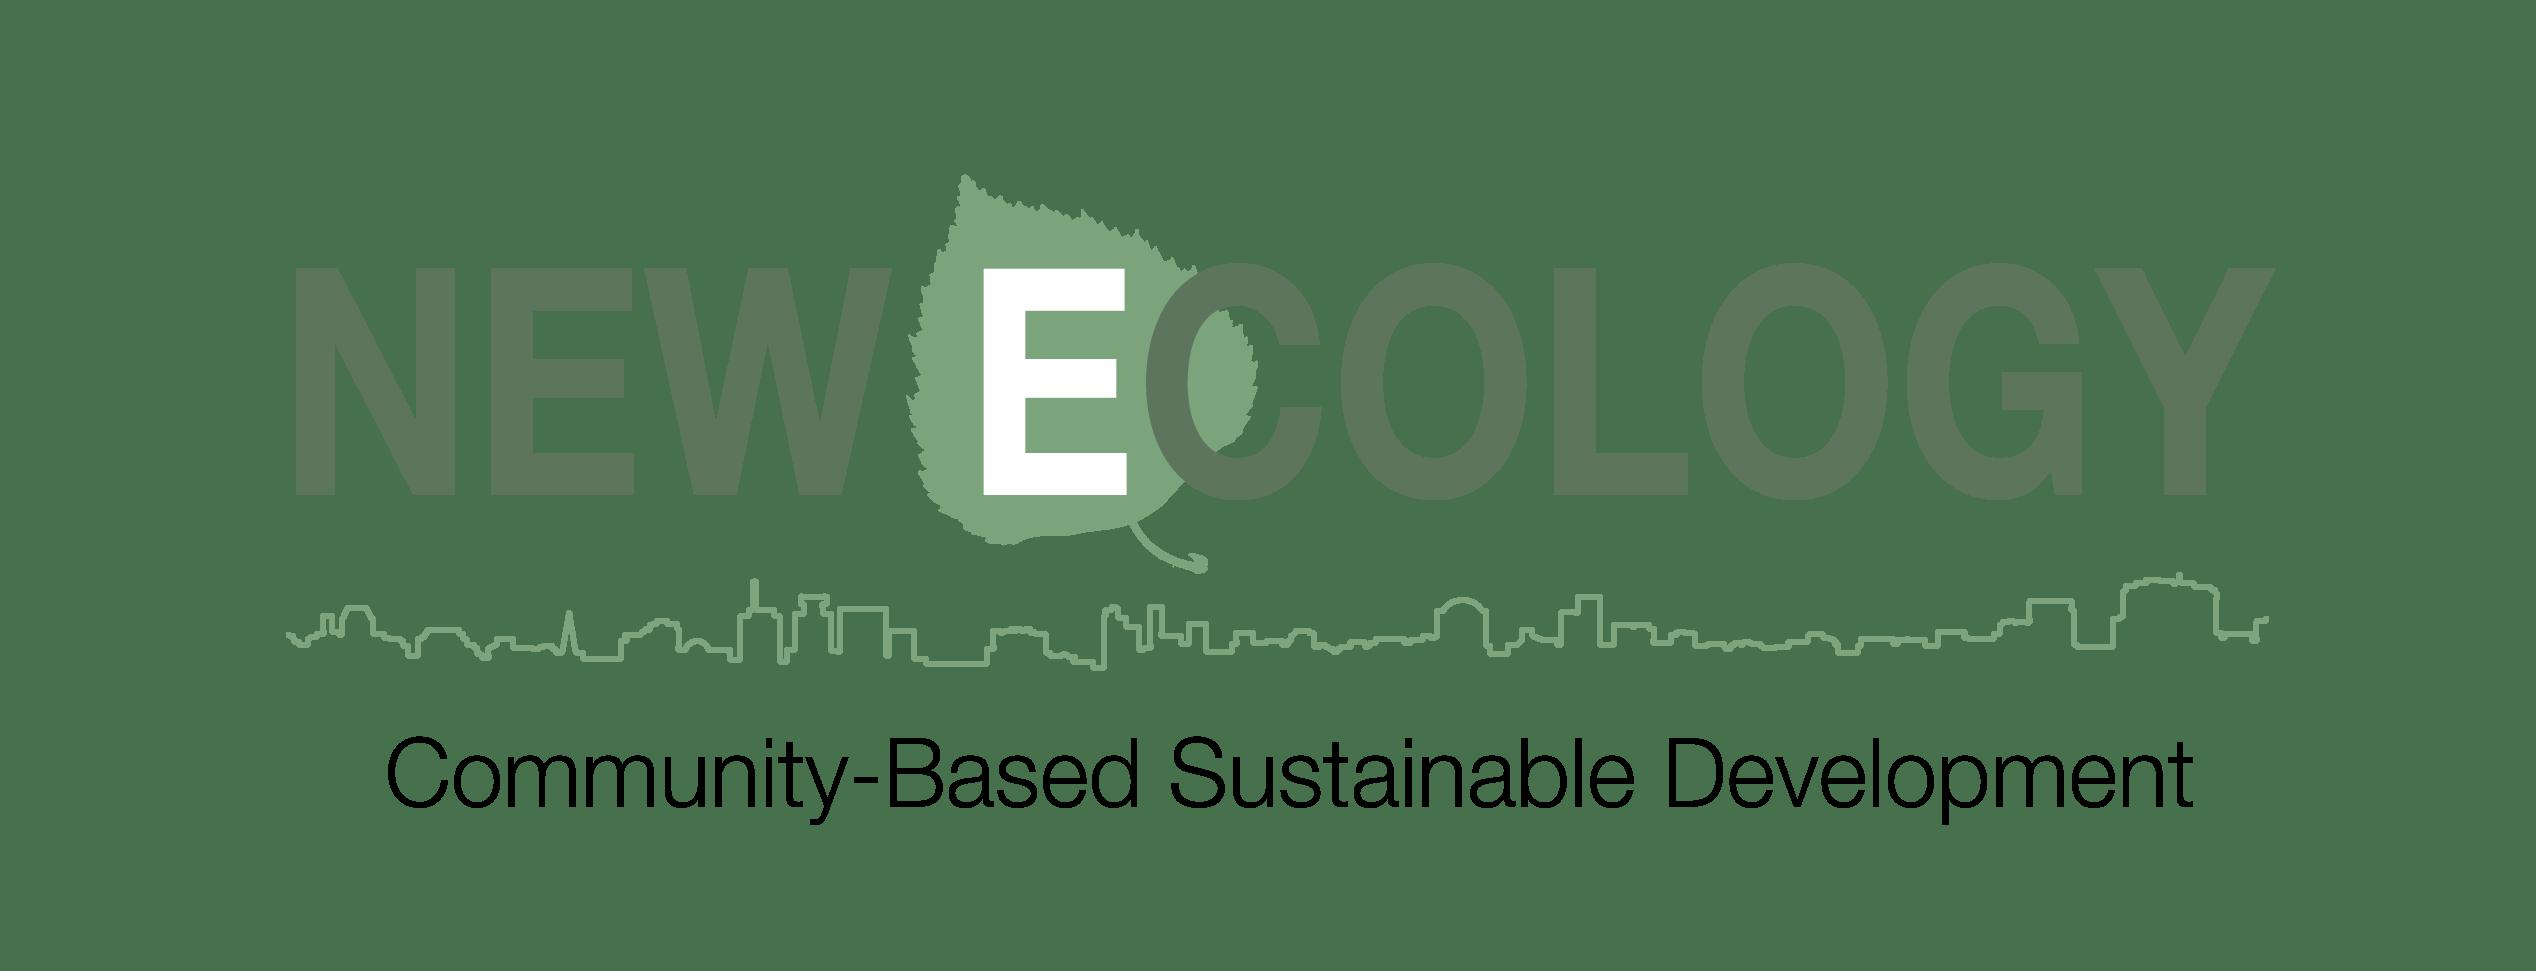 New Ecology company logo